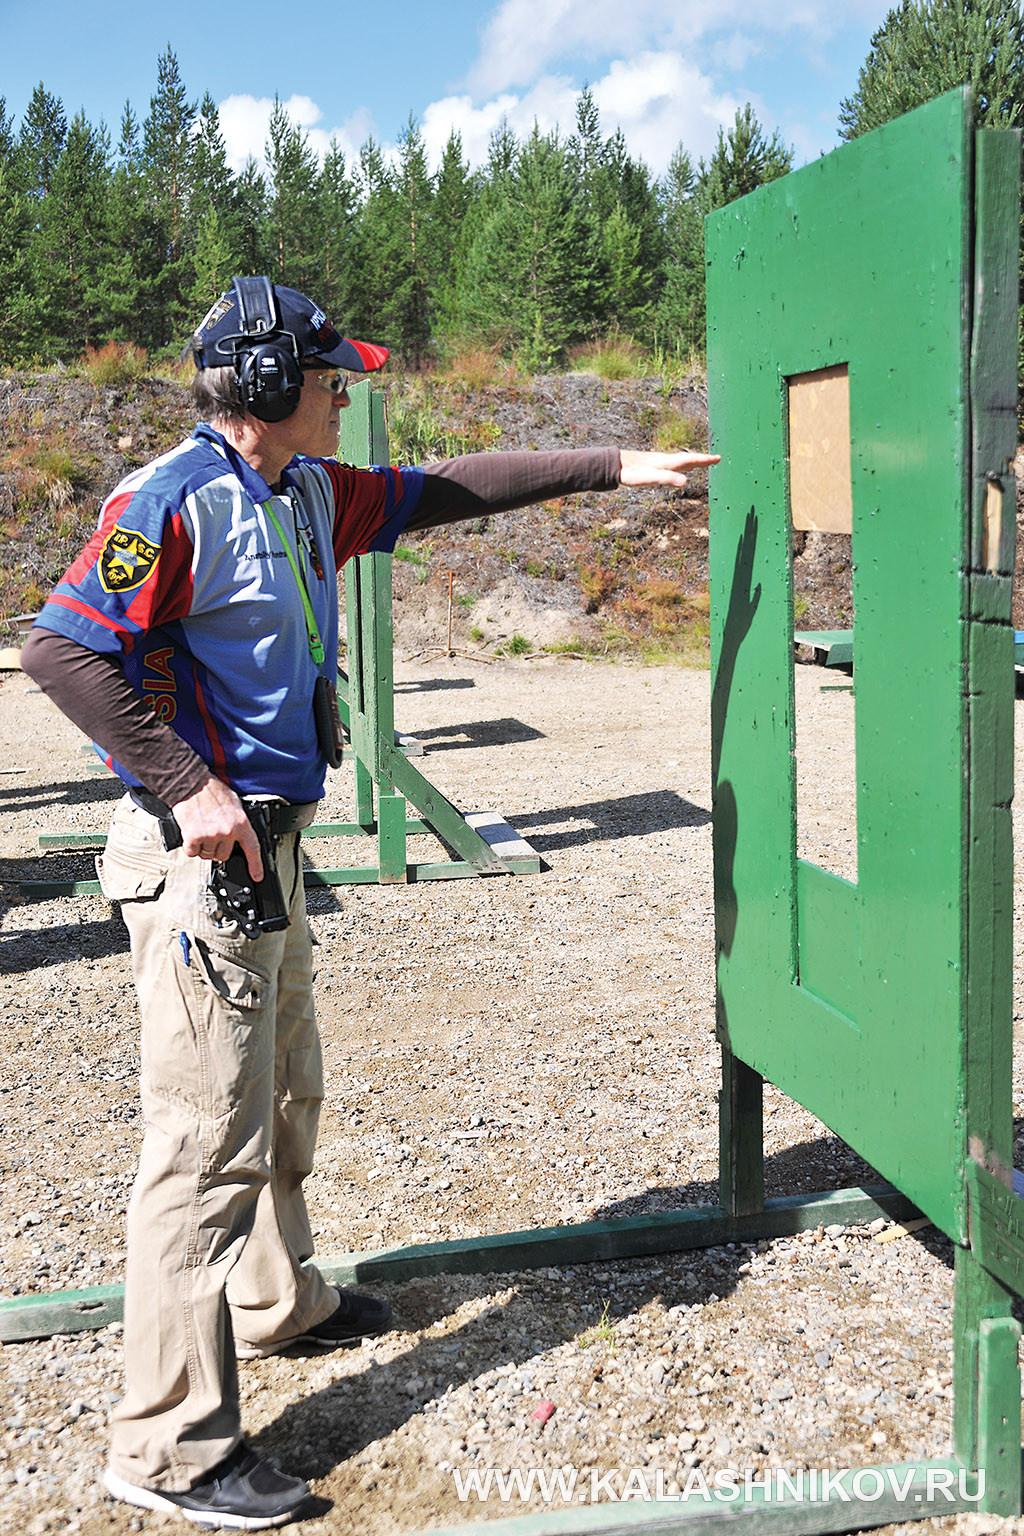 Базовый курс практической стрельбы из пистолета